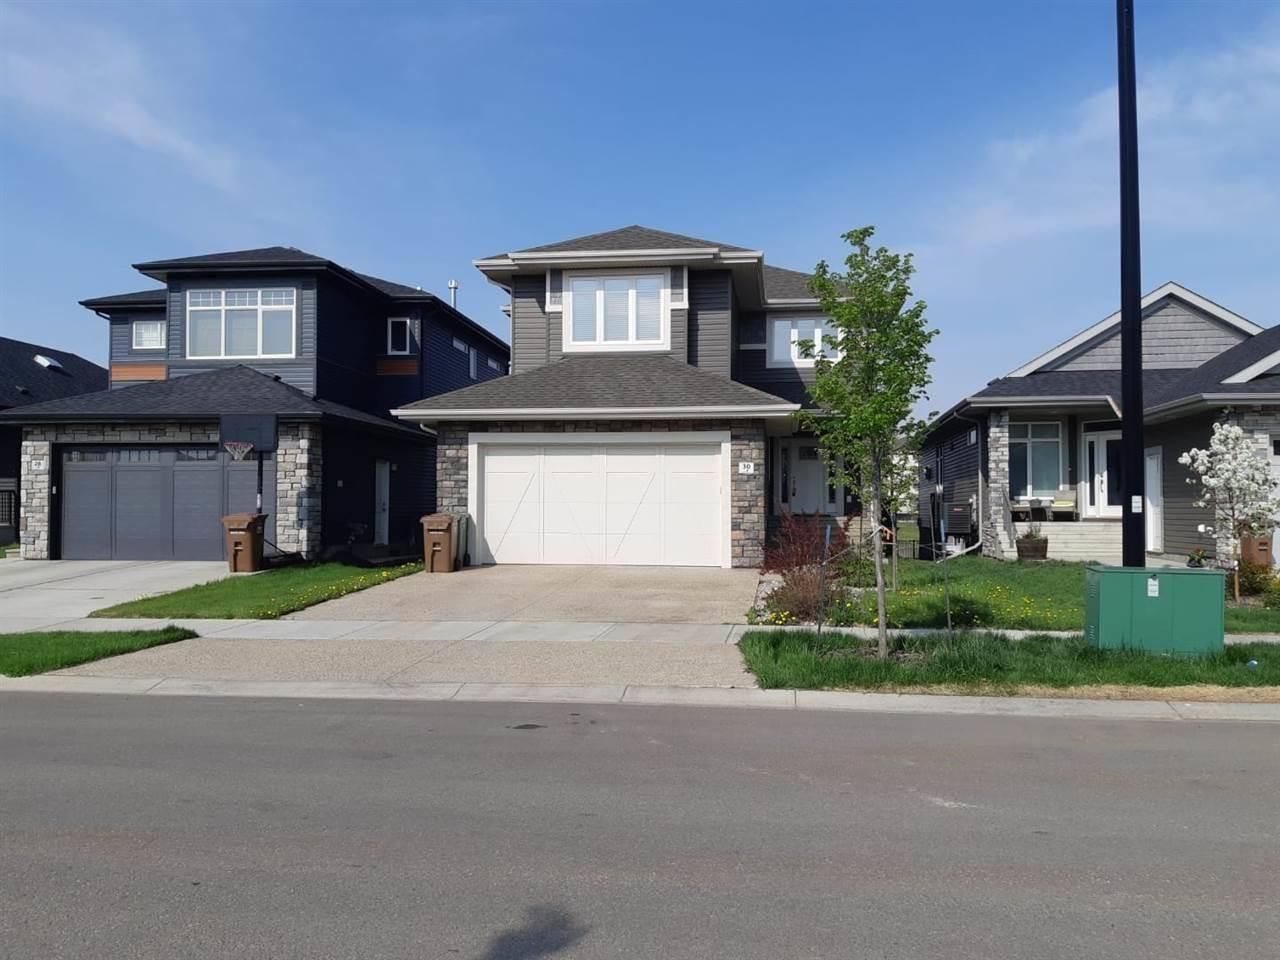 House for sale at 30 Elise Pl St. Albert Alberta - MLS: E4158724